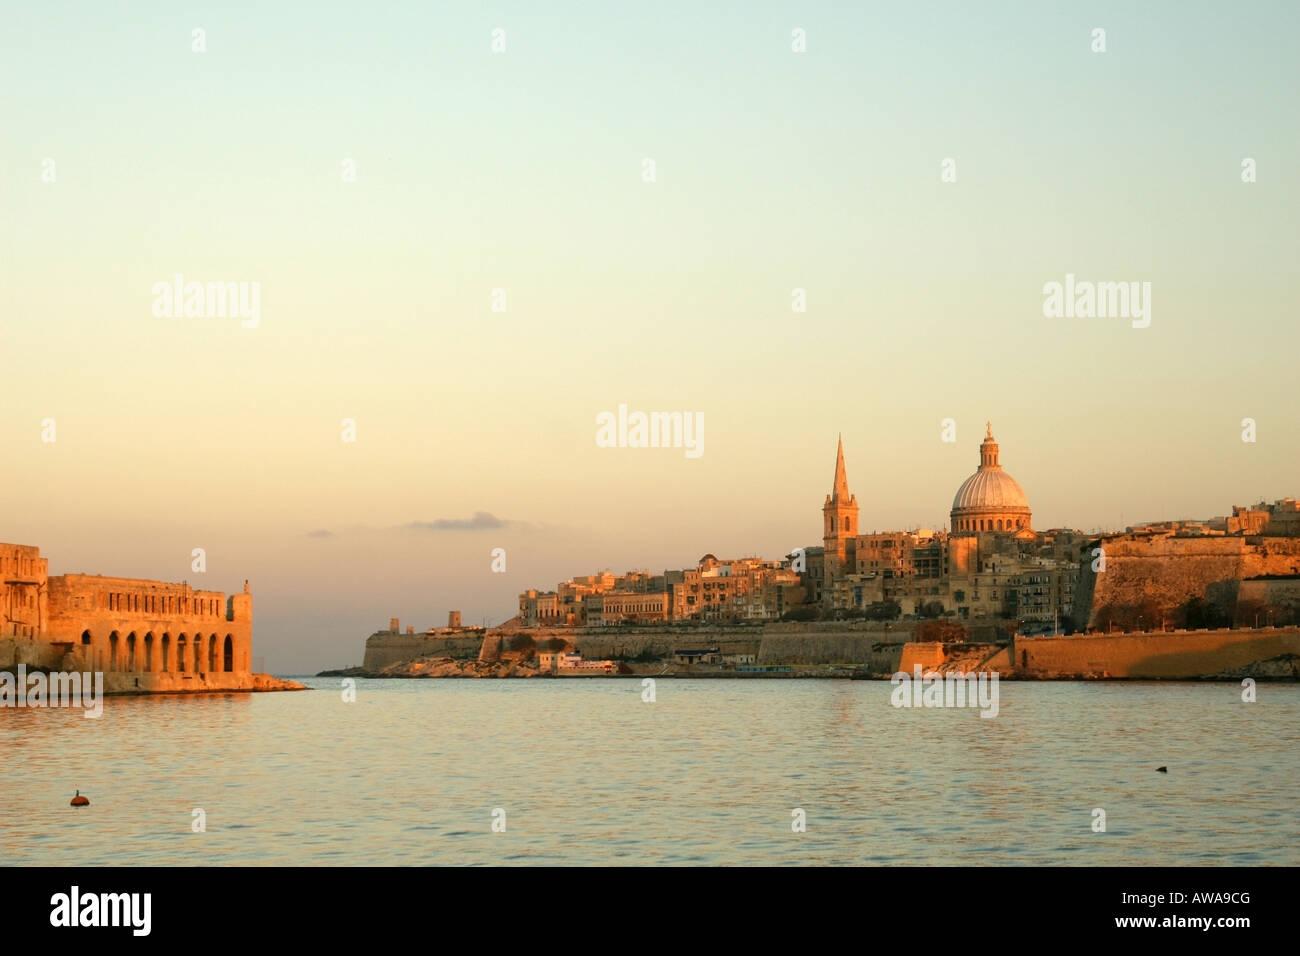 Sunset over Valletta, Malta - Stock Image